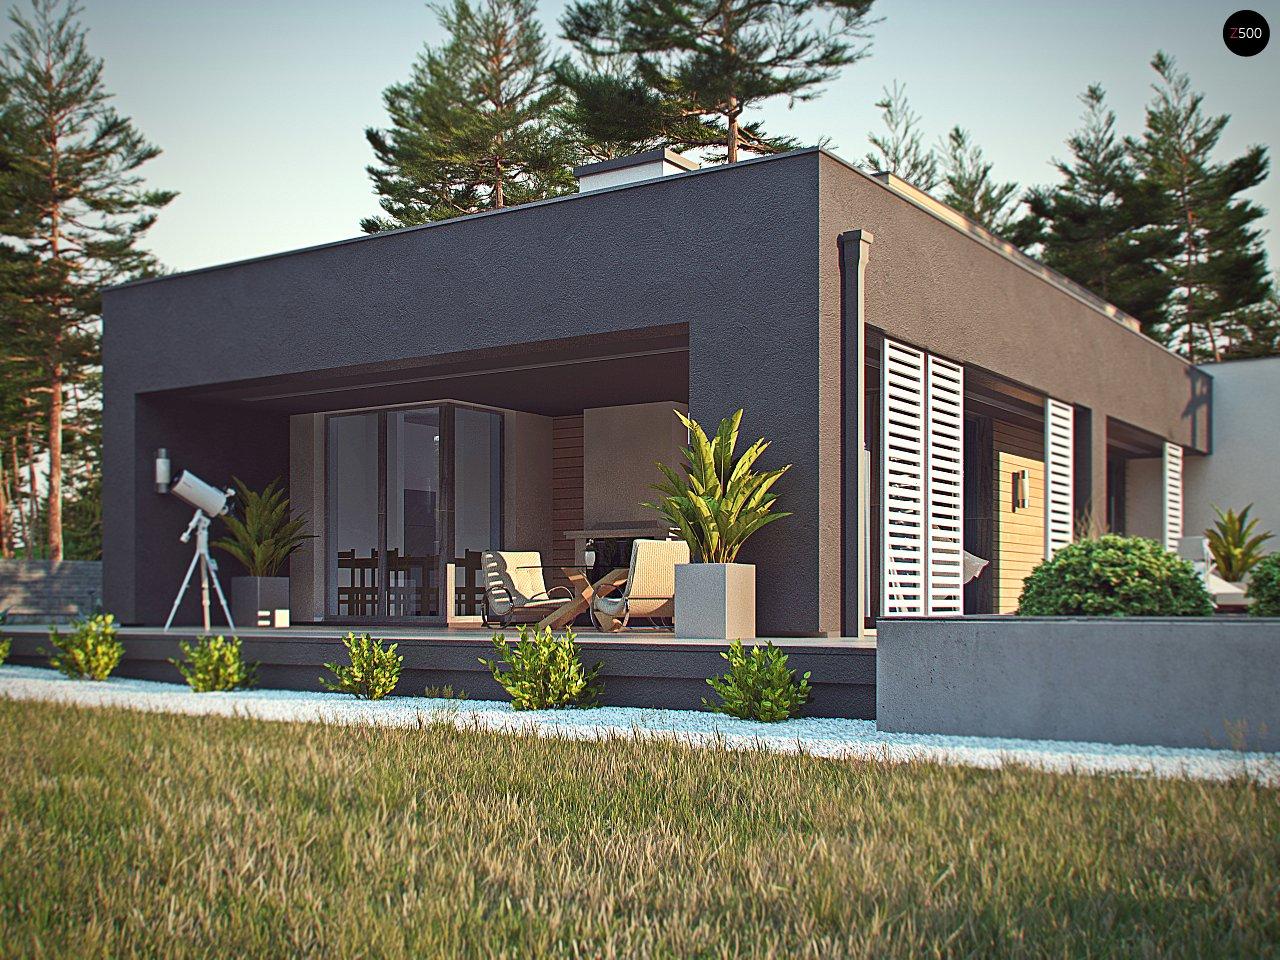 Одноэтажный дом в стиле хай-тек с плоской кровлей и большой площадью остекления. 11